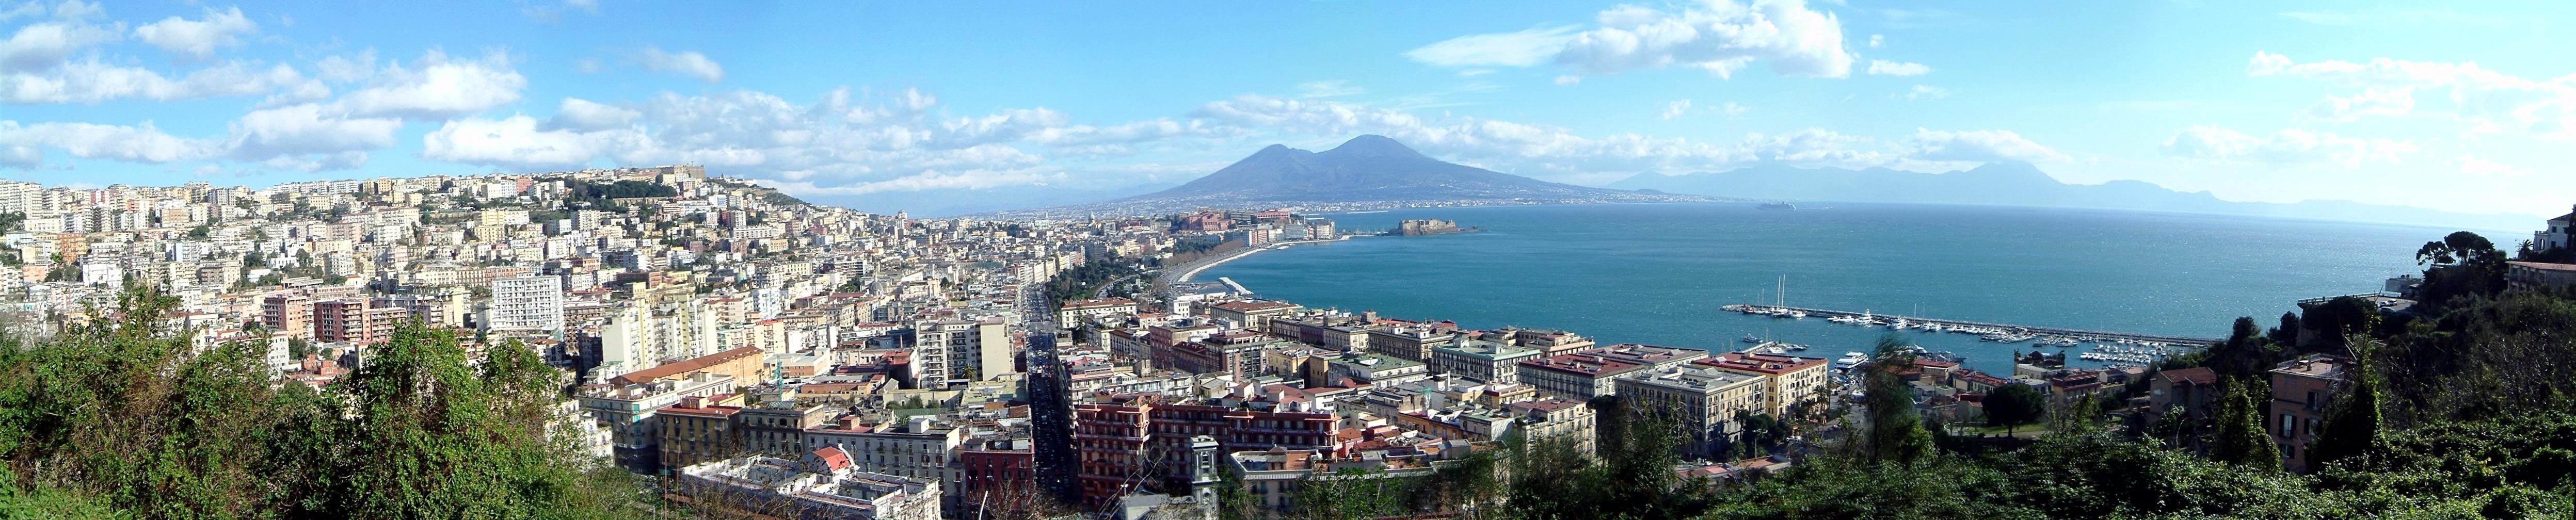 Veduta_panoramica_di_Napoli